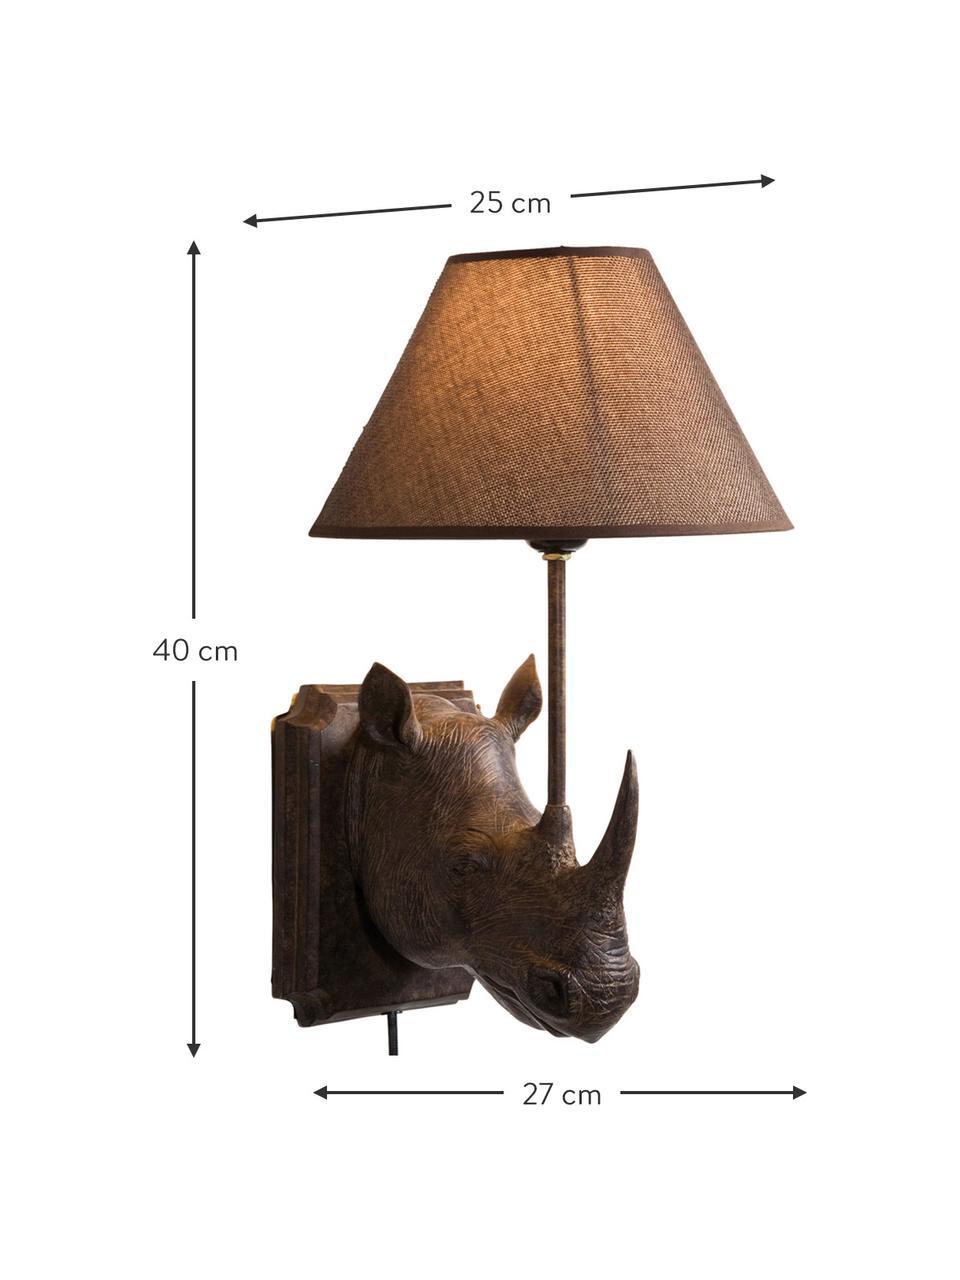 Design Wandleuchte Rhino mit Stecker, Lampenschirm: Leinen, Gestell: Stahl, Braun, 27 x 40 cm